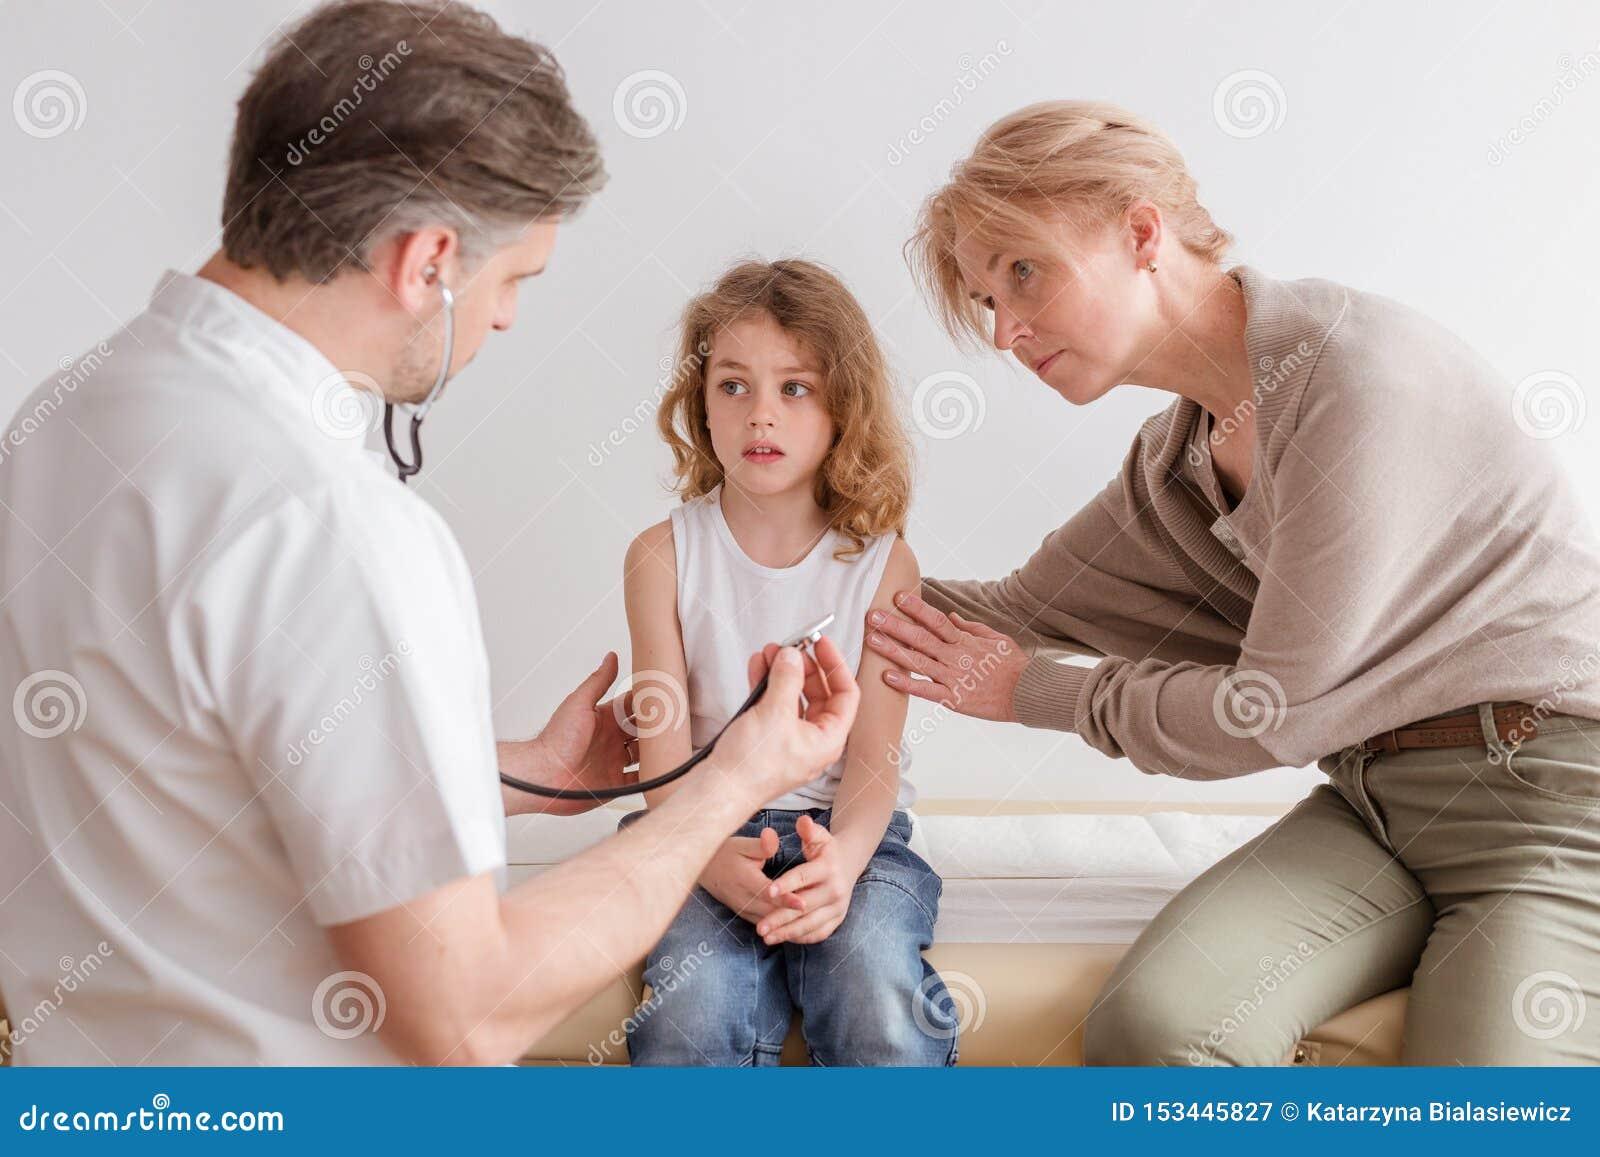 Niño enfermo con síntomas de la pulmonía y doctor profesional en el hospital